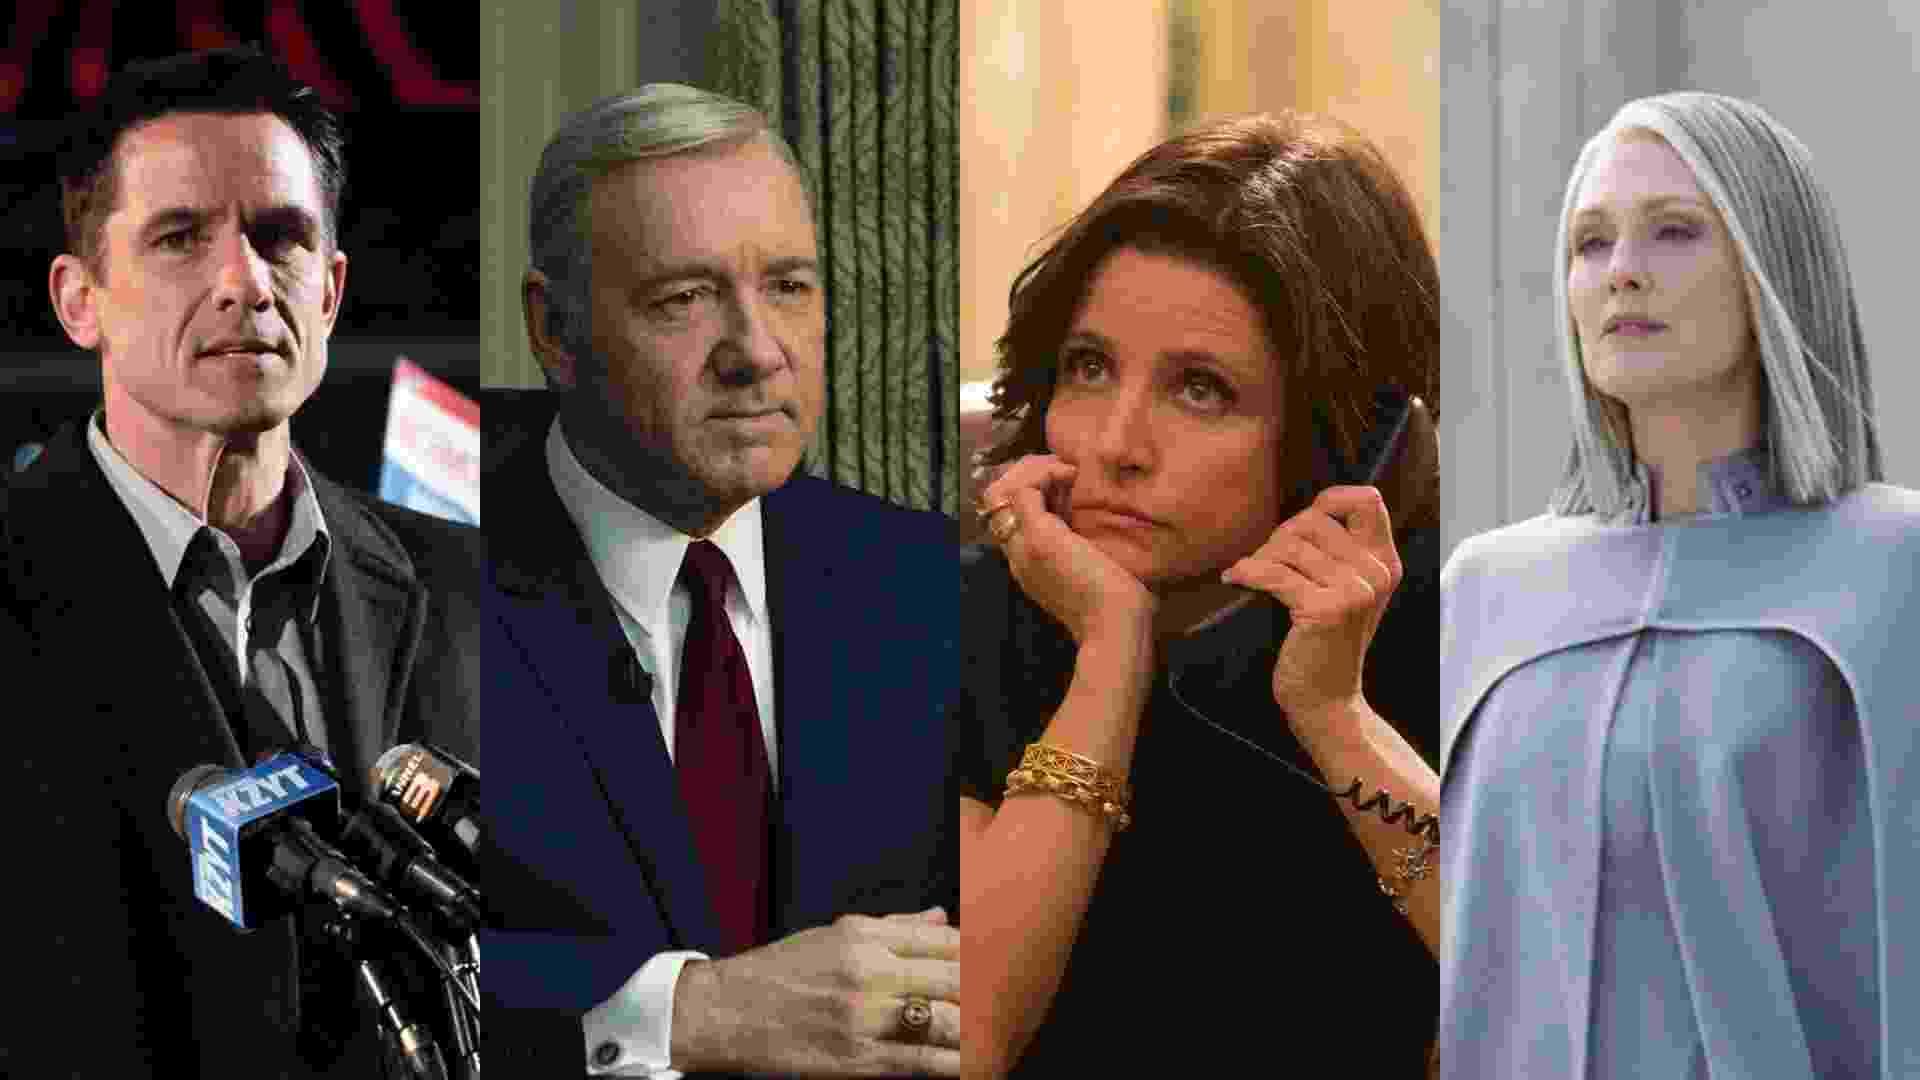 """Cenas das séries """"The Killing"""" (2011), """"House of Cards"""" (2013) e """"Veep"""" (2012) e do filme """"Jogos Vorazes: A Esperança - O Final"""" (2015), de Francis Lawrence - Montagem/Reprodução"""